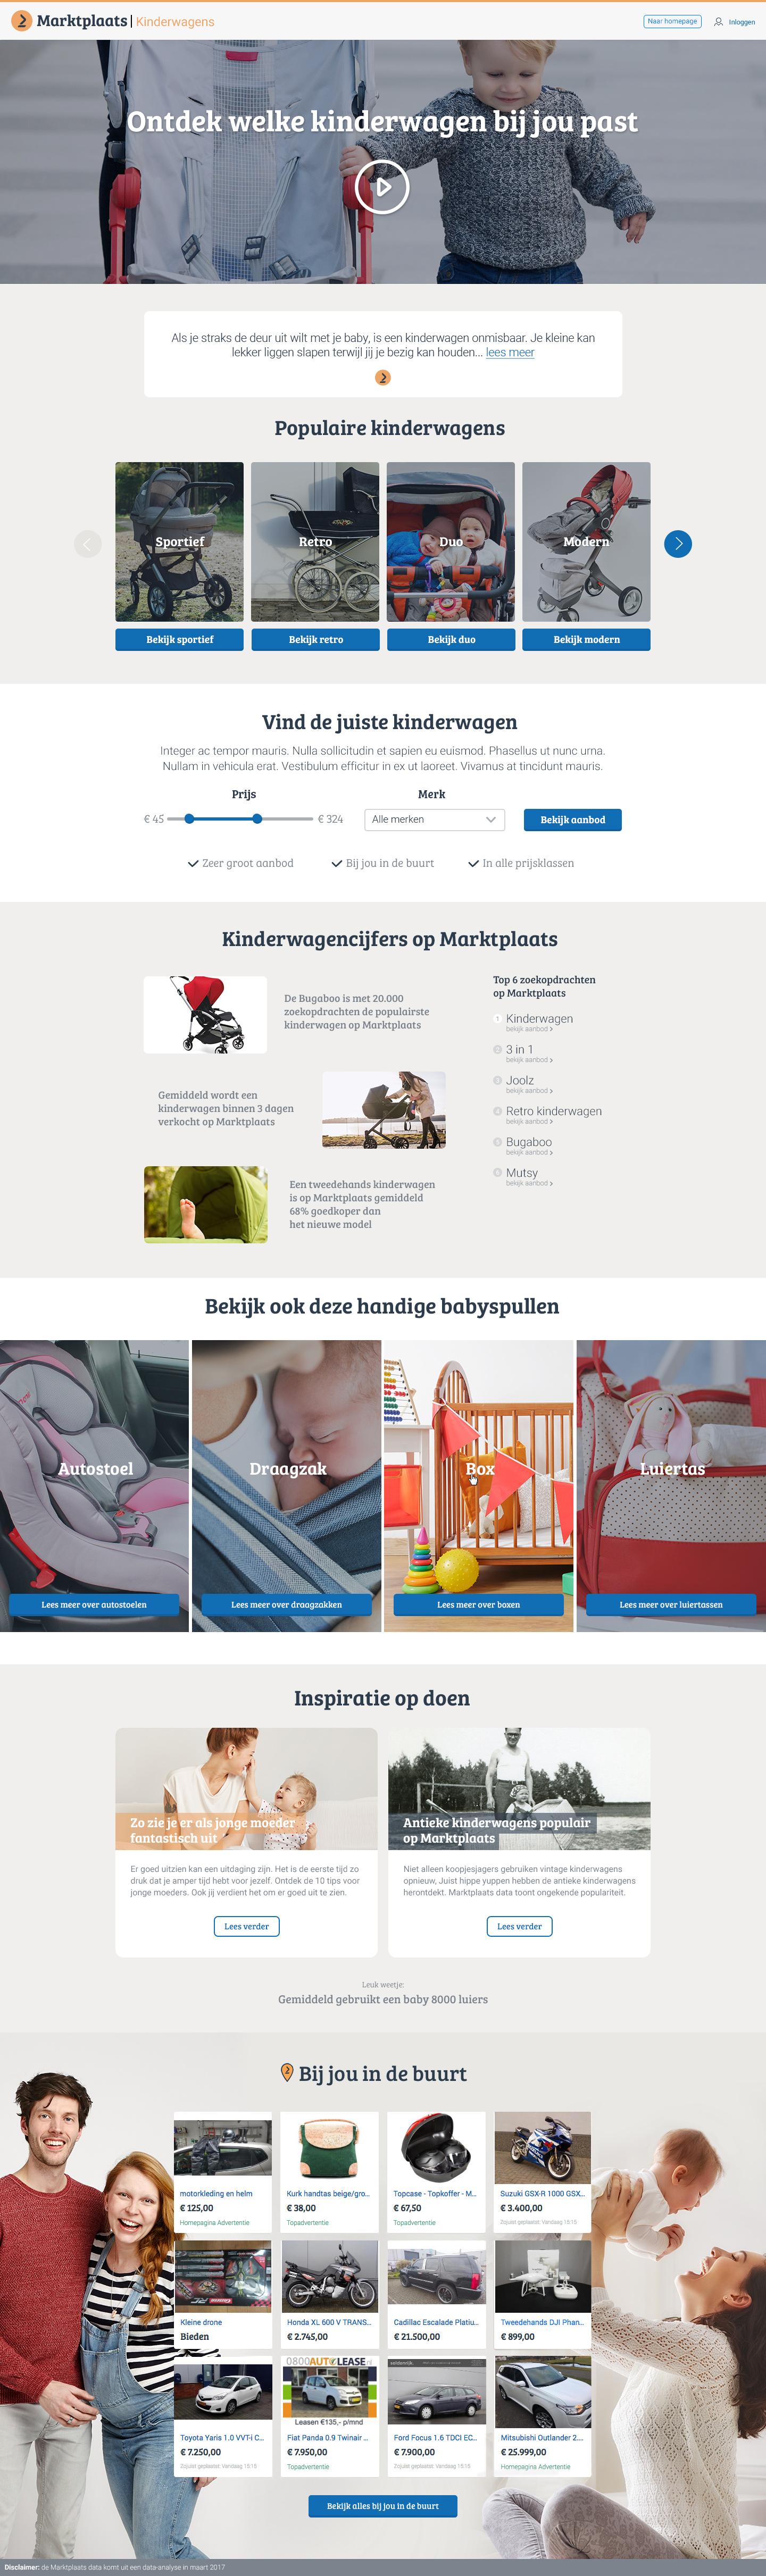 Marktplaats baby stroller selection help